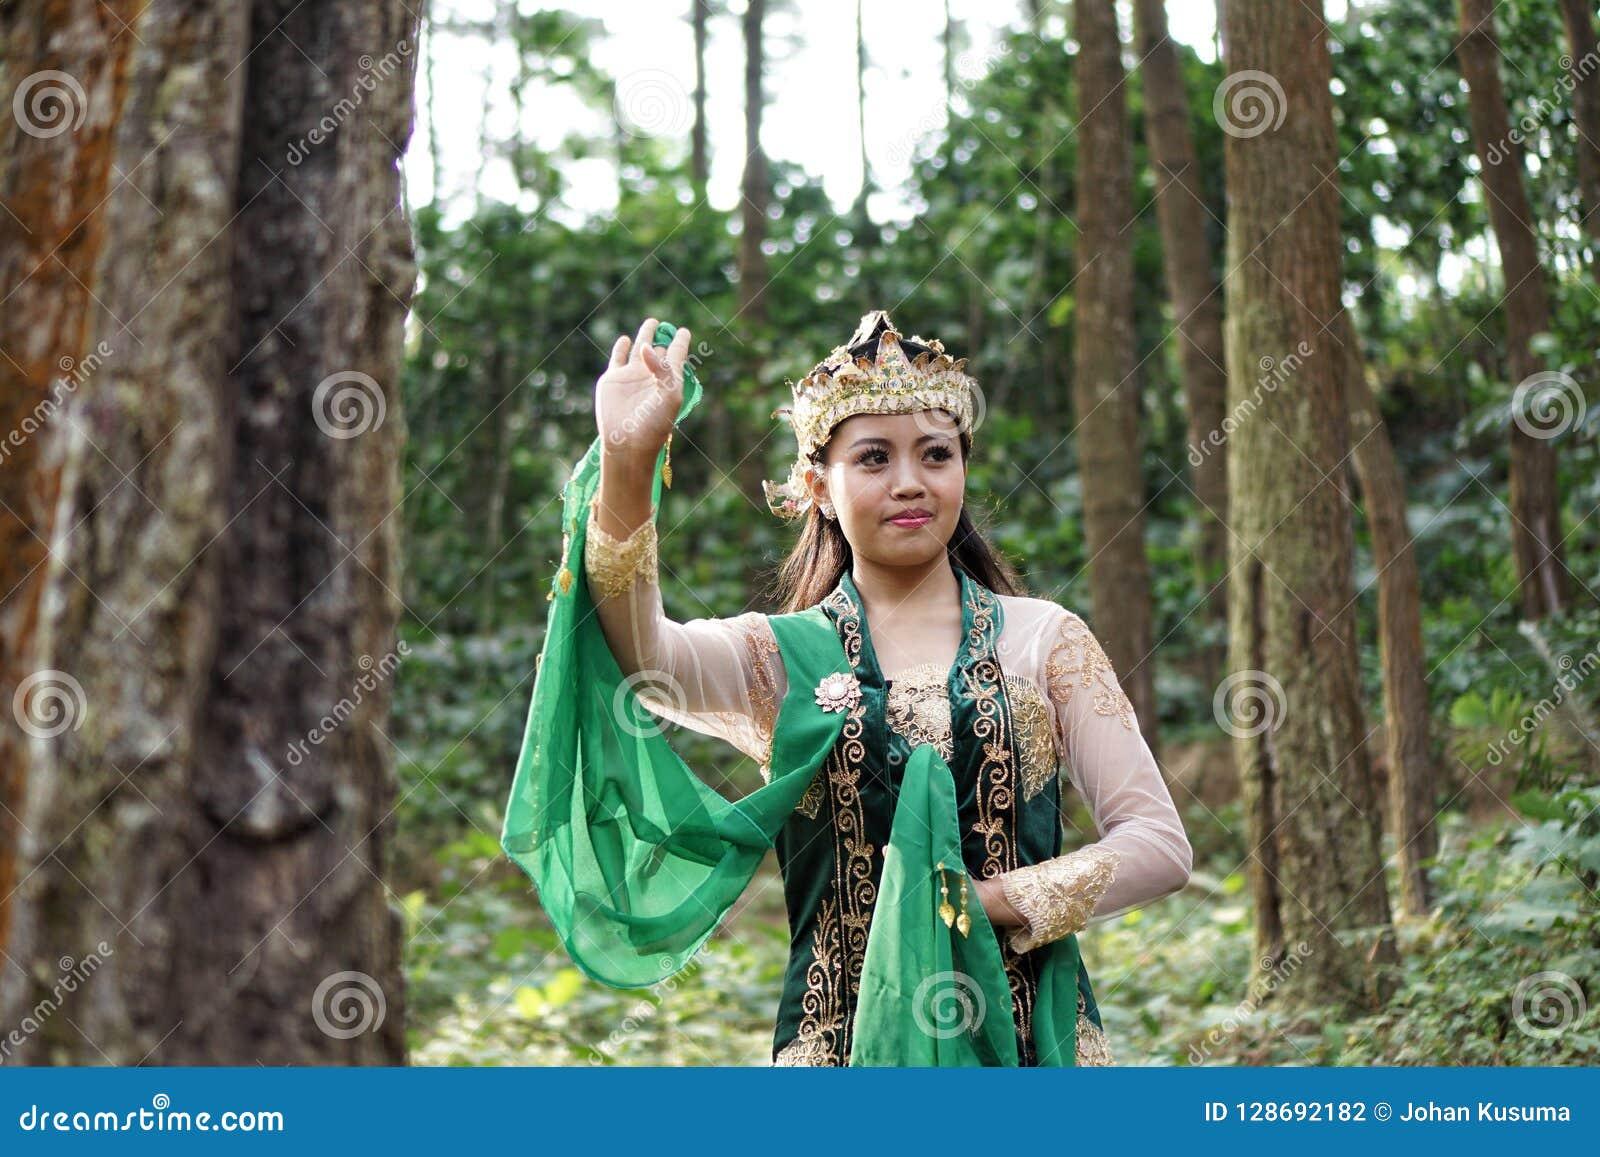 Indonesian girl posing for a lengger dance